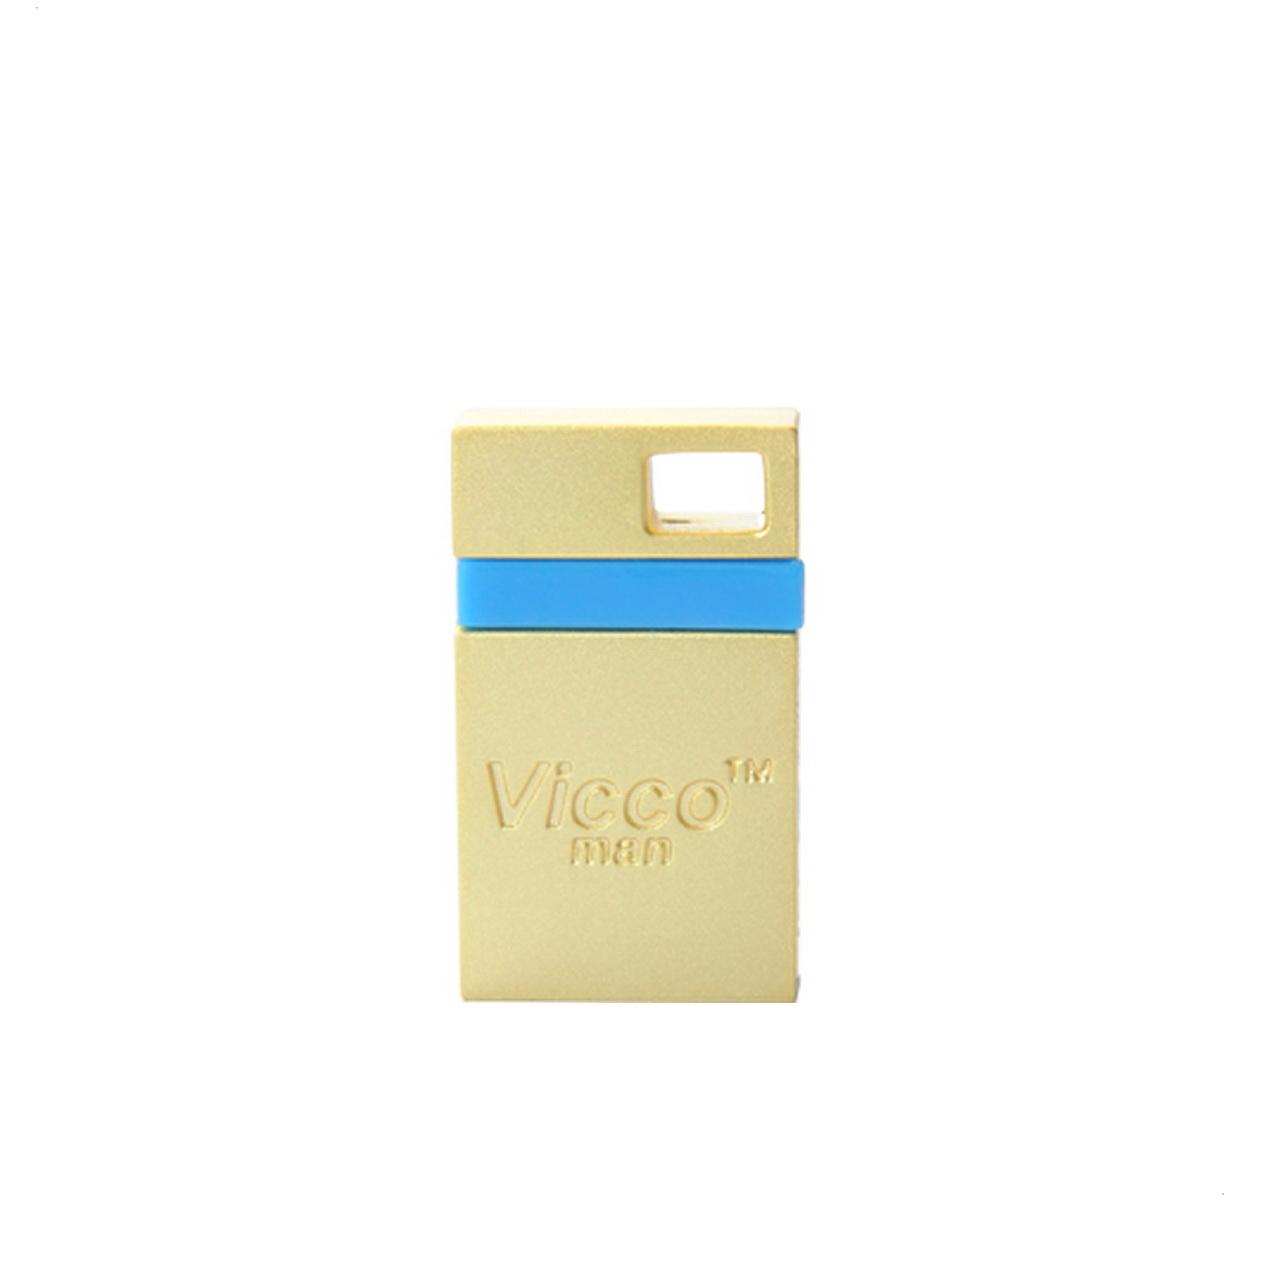 فلش مموری ویکومن مدل vc265 G ظرفیت 32 گیگابایت